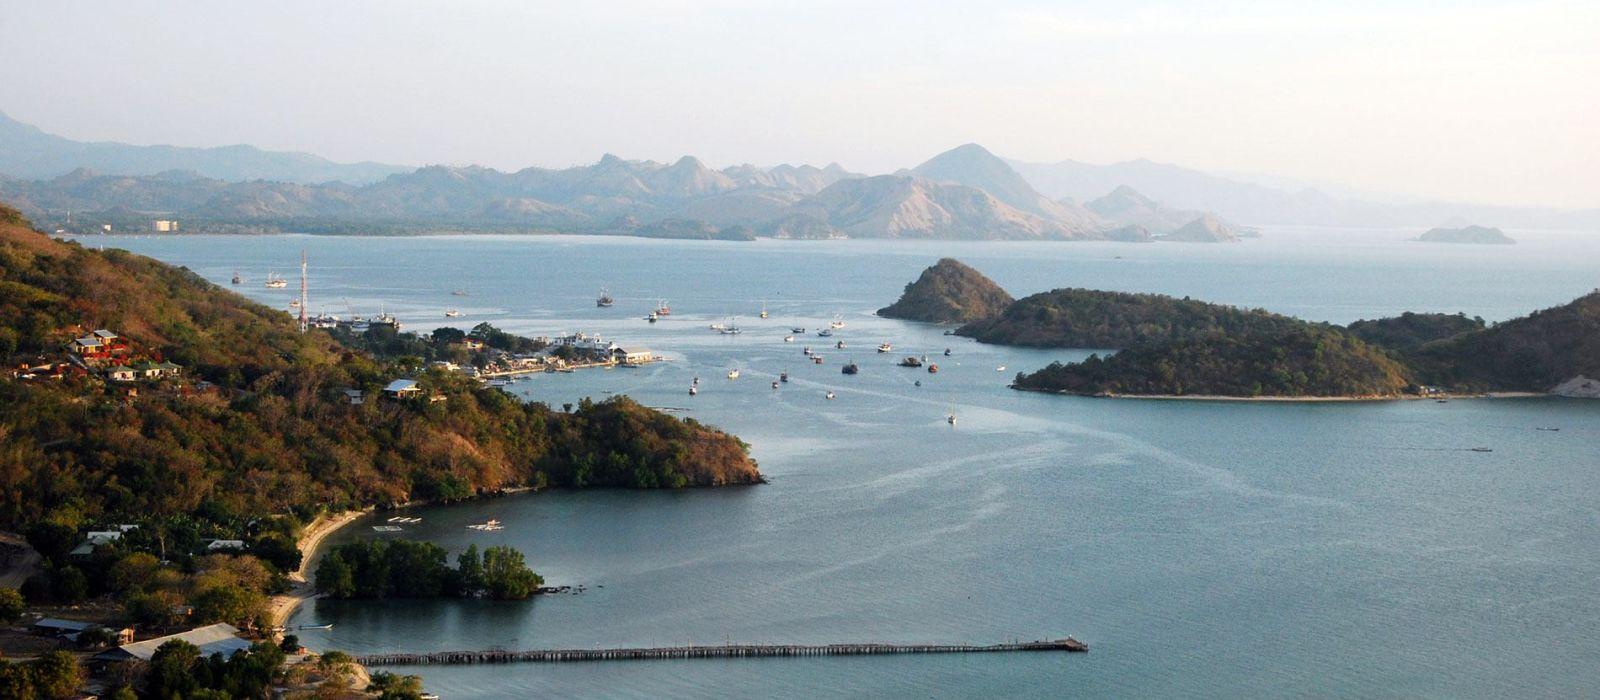 Auf Asien Tour Mit Reisebloggern U2013 11 Bezaubernde Reiseberichte